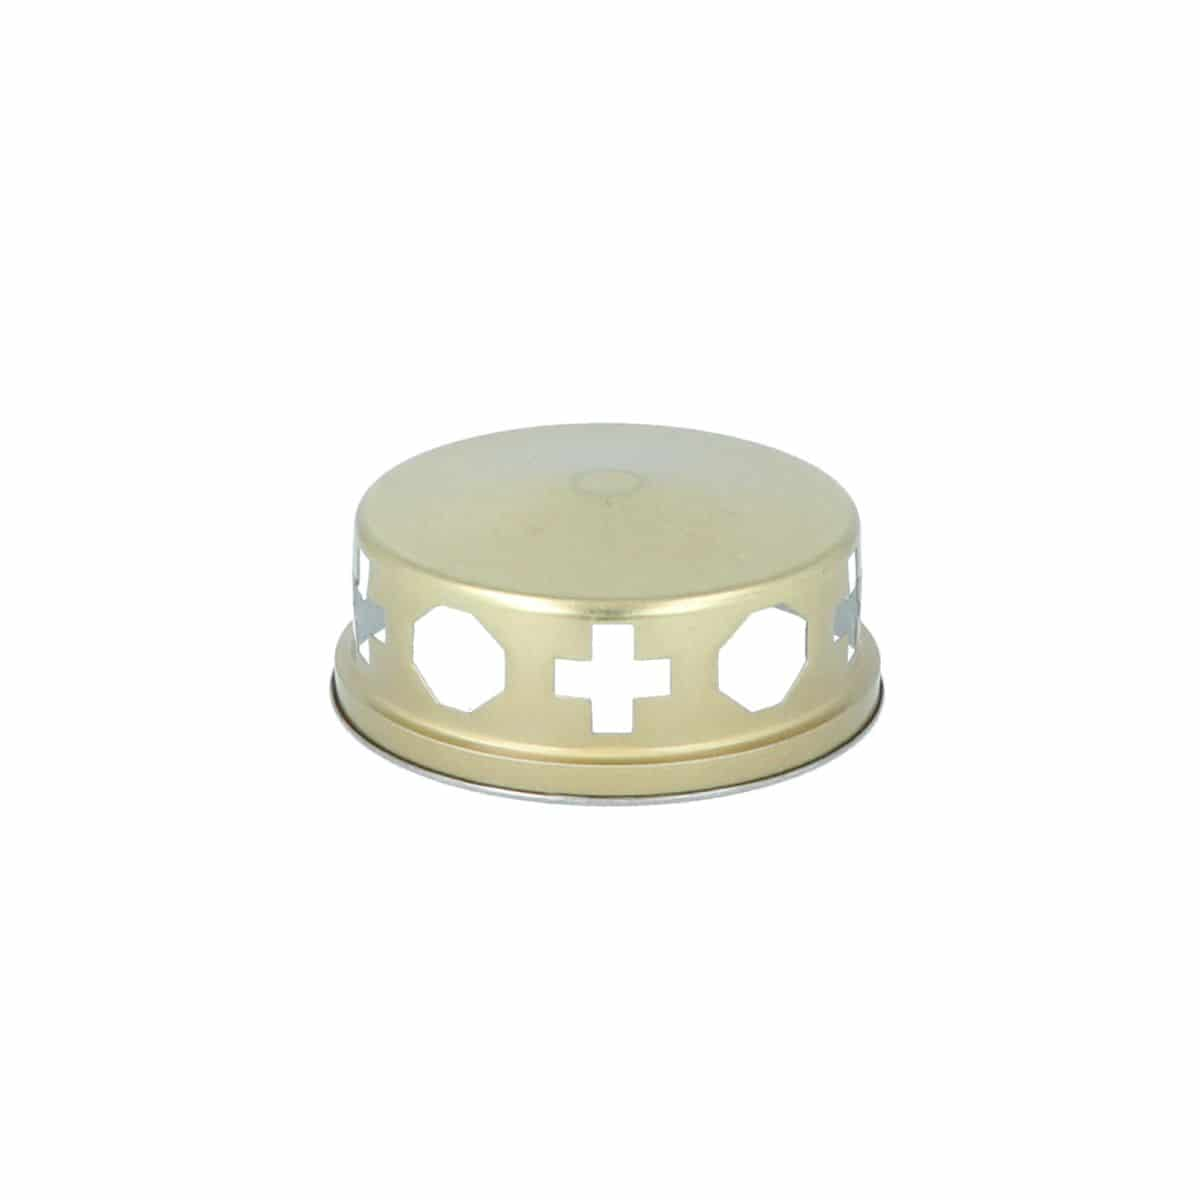 Ersatzdeckel für Hofer Glas-Öl-Licht WALDLICHTUNG